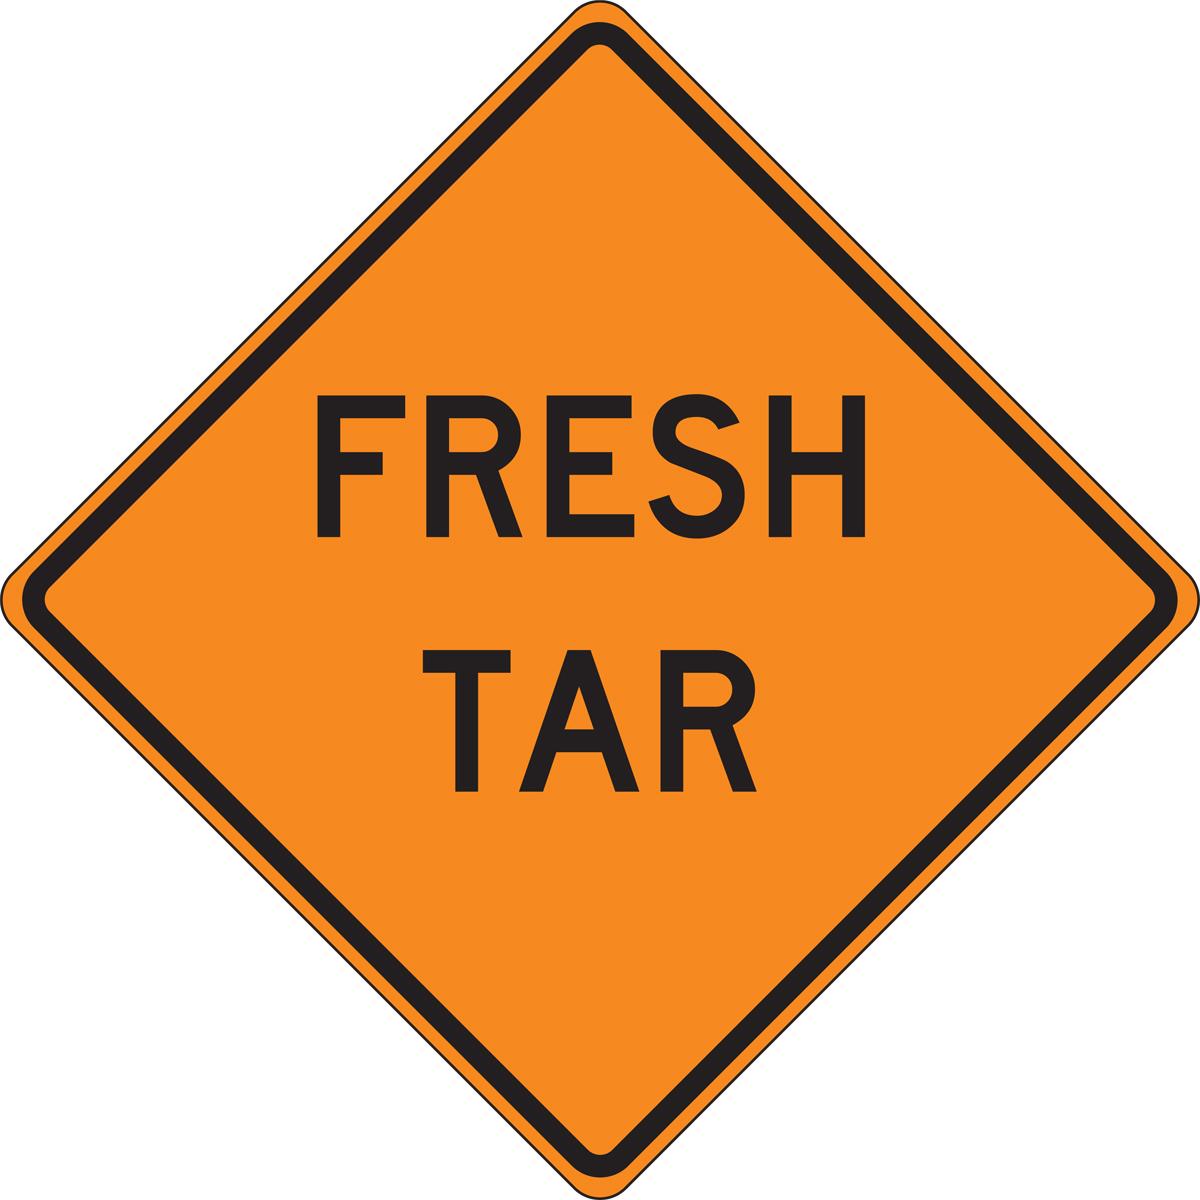 FRESH TAR